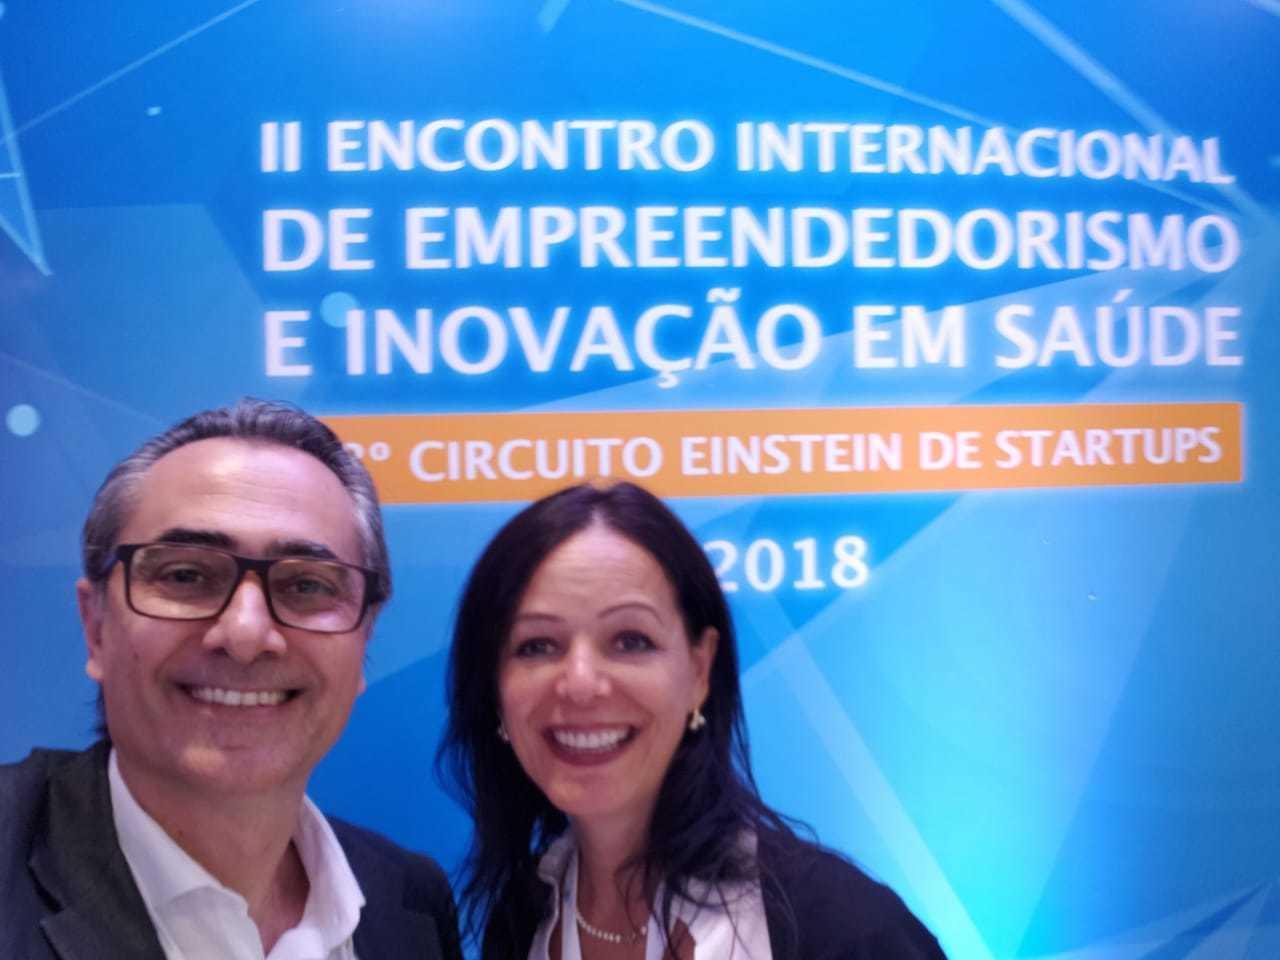 II Encontro Internacional de Empreendedorismo e Inovação em Saúde no Hospital Israelita Albert Einstein